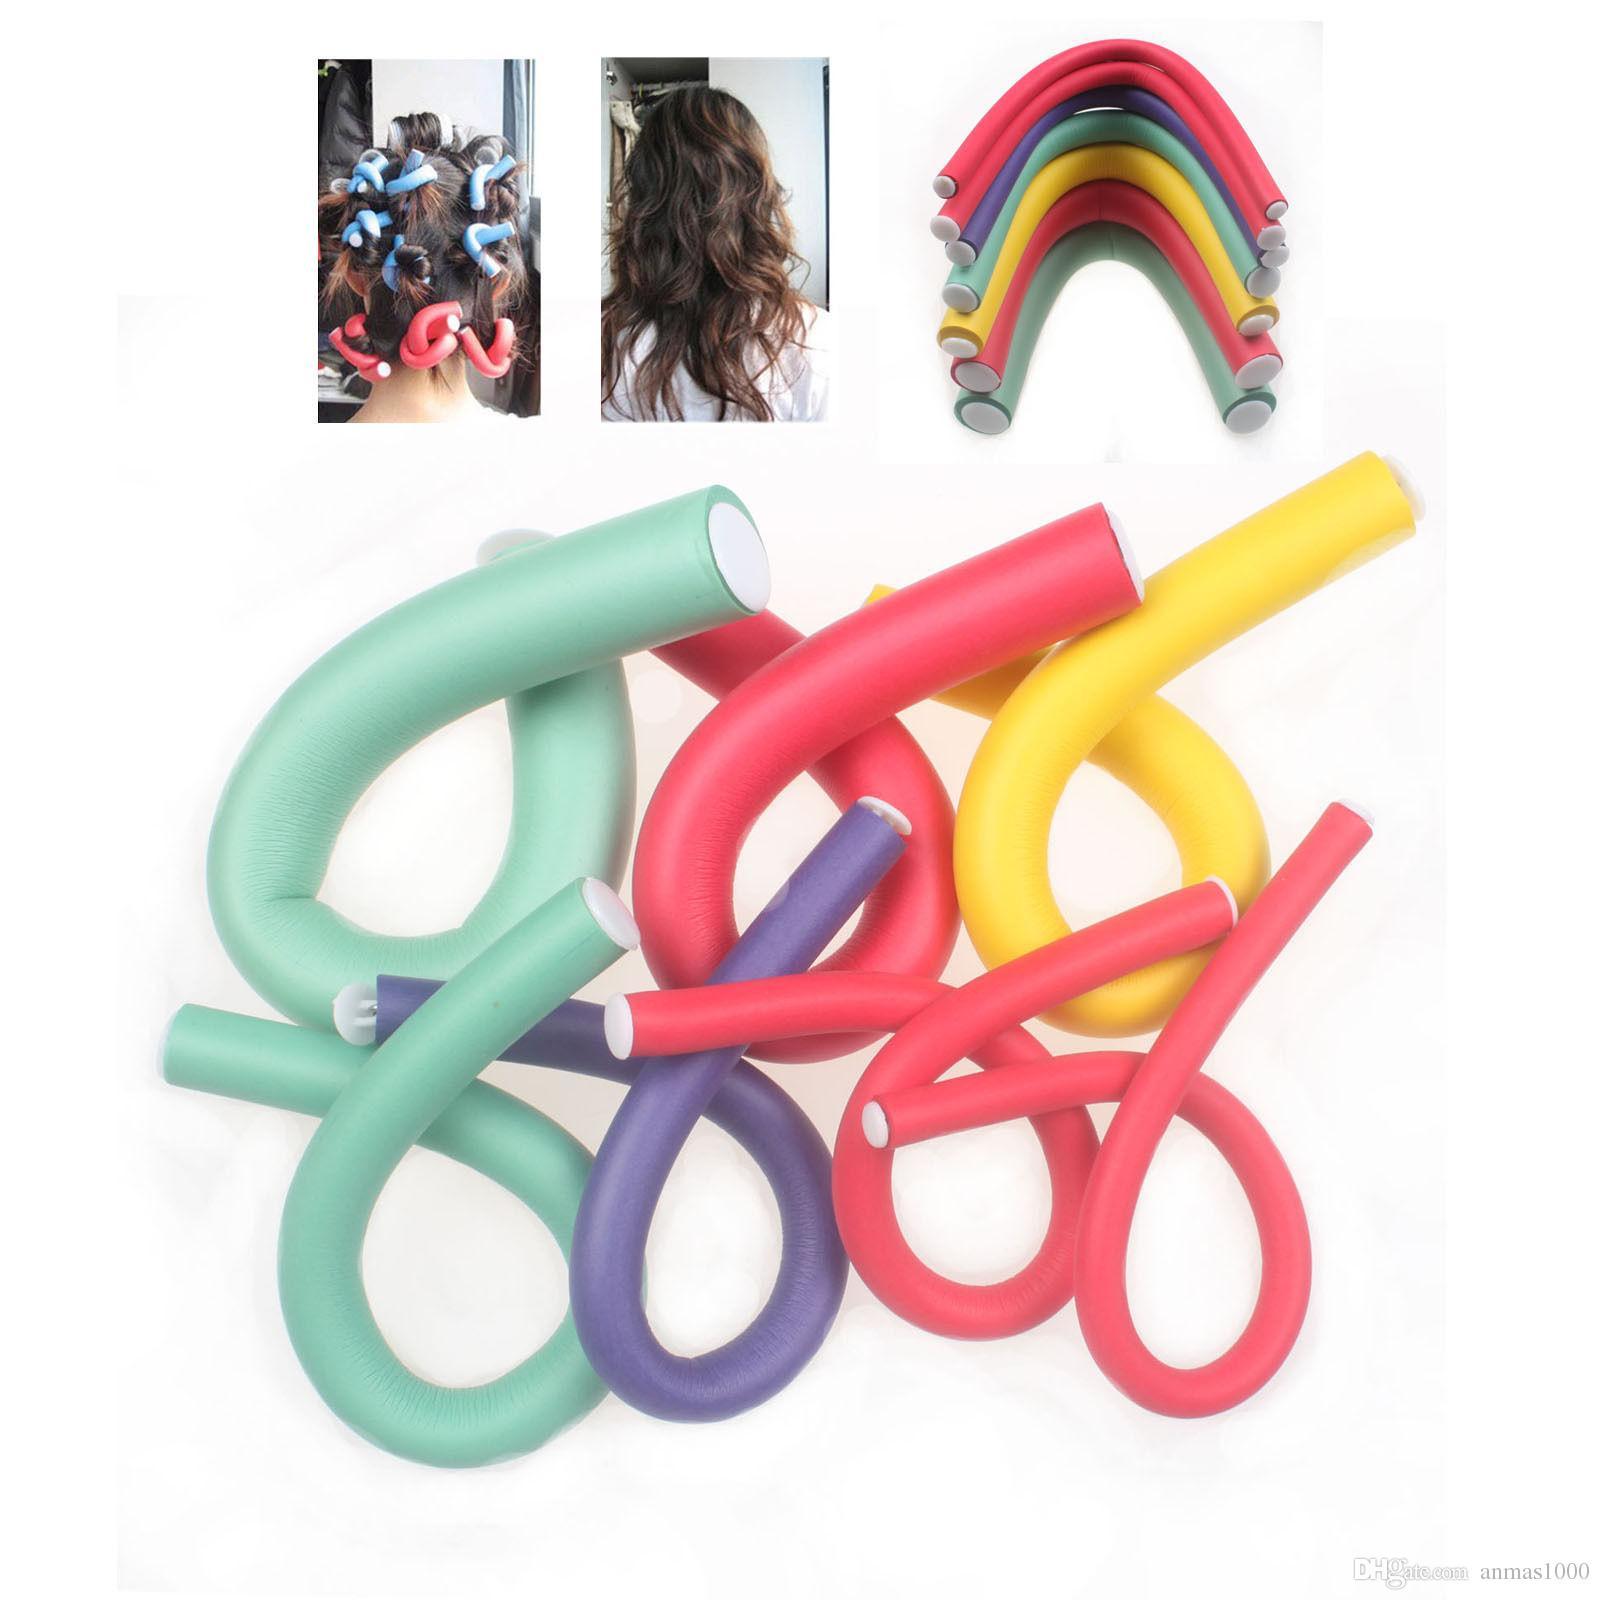 Schlussverkauf !!! Gelegentliche farbe 10 Teile / los Schwamm Lockenwickler Maker Bendy Twist Locken DIY Tools Styling Lockenwickler